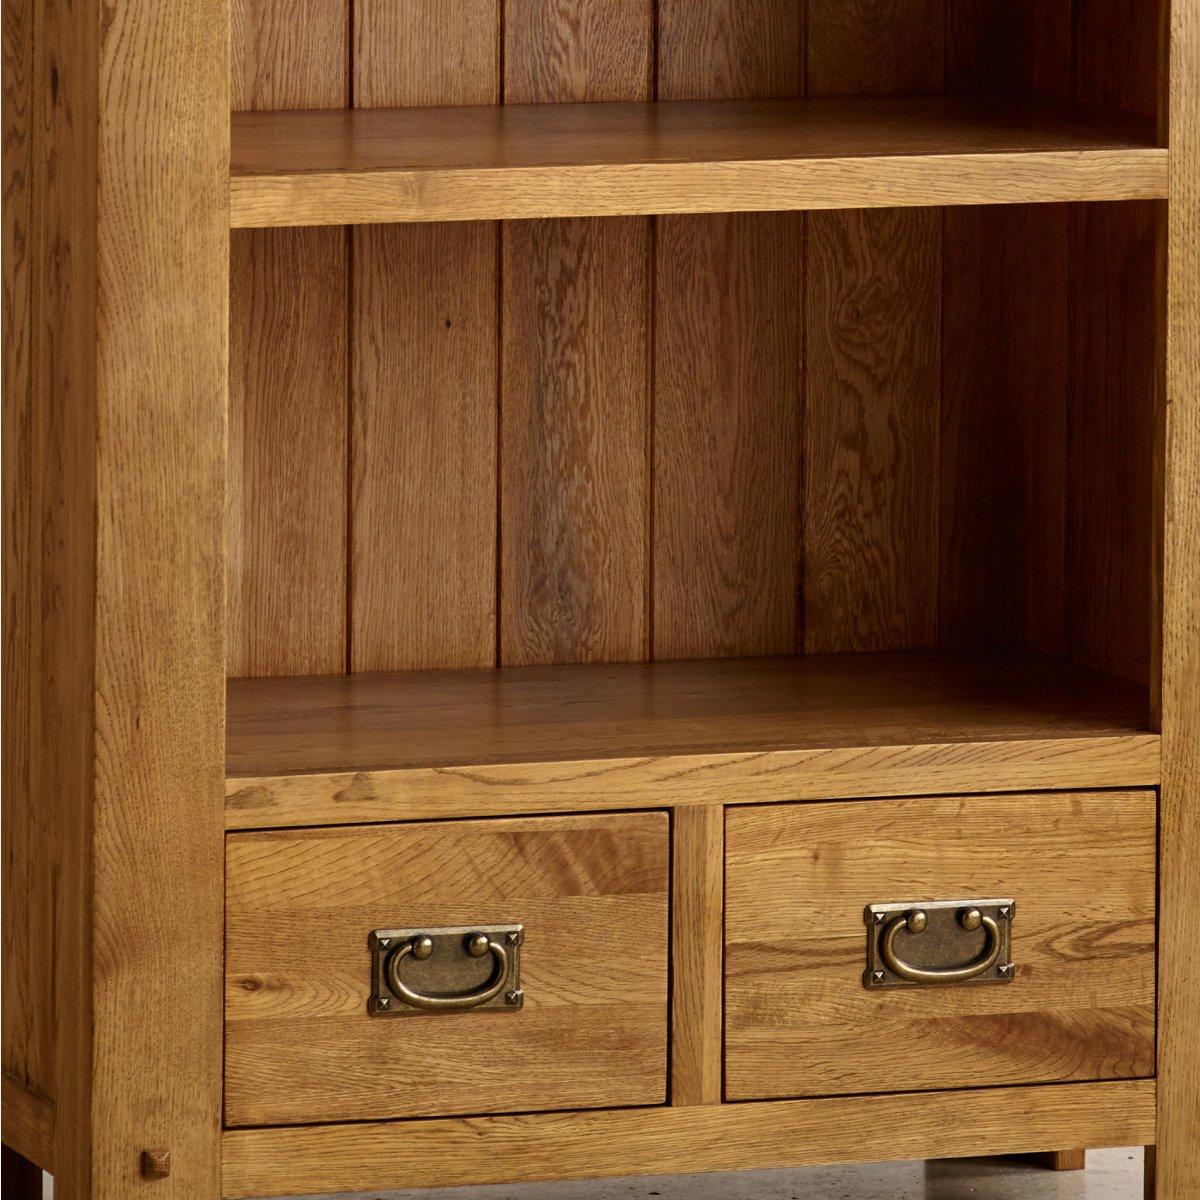 Quercus Tall Bookcase In Rustic Oak Oak Furniture Land